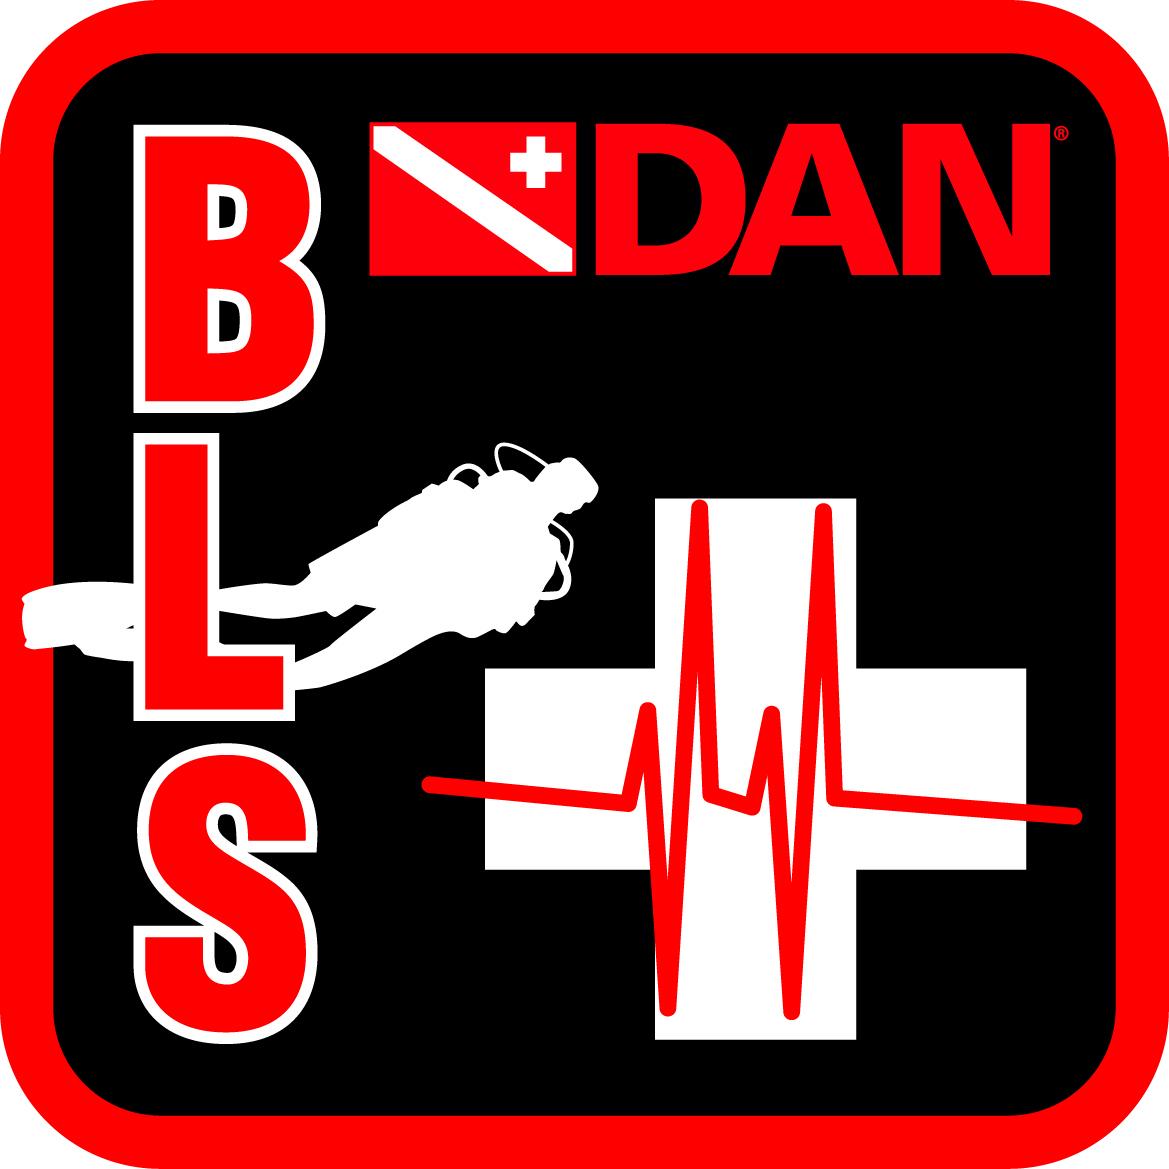 BLS_DAN